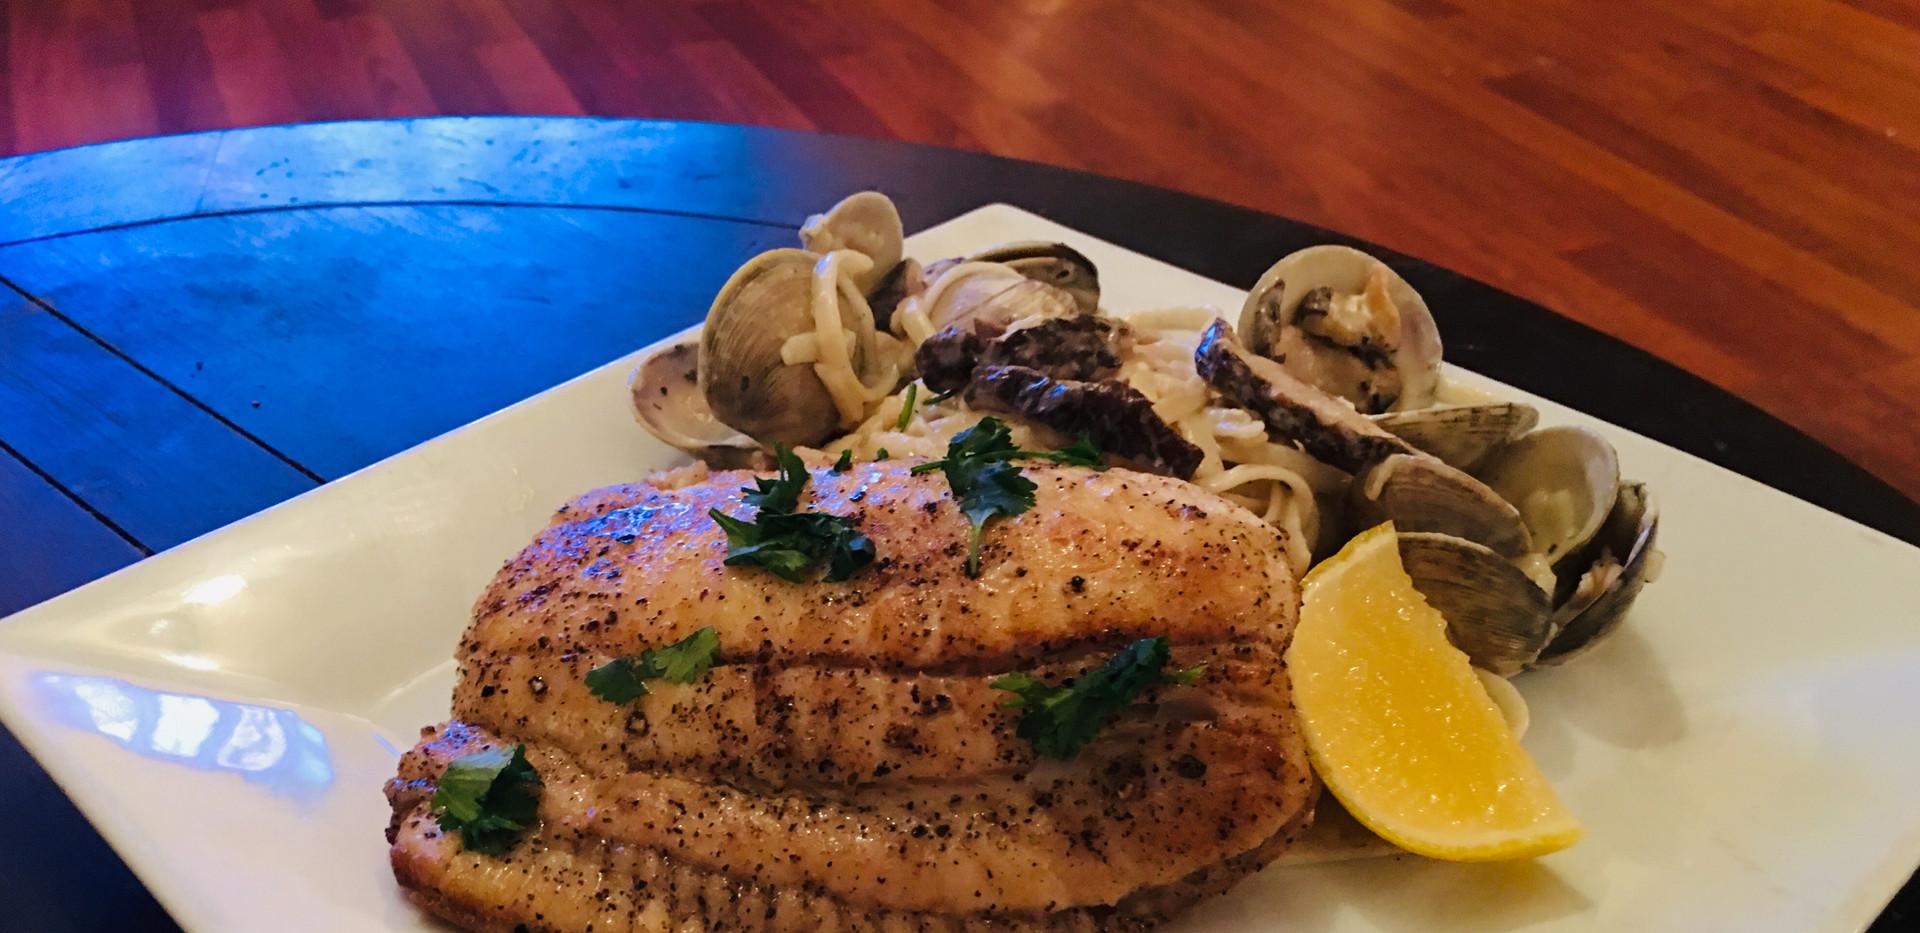 Baked or Grilled Flounder